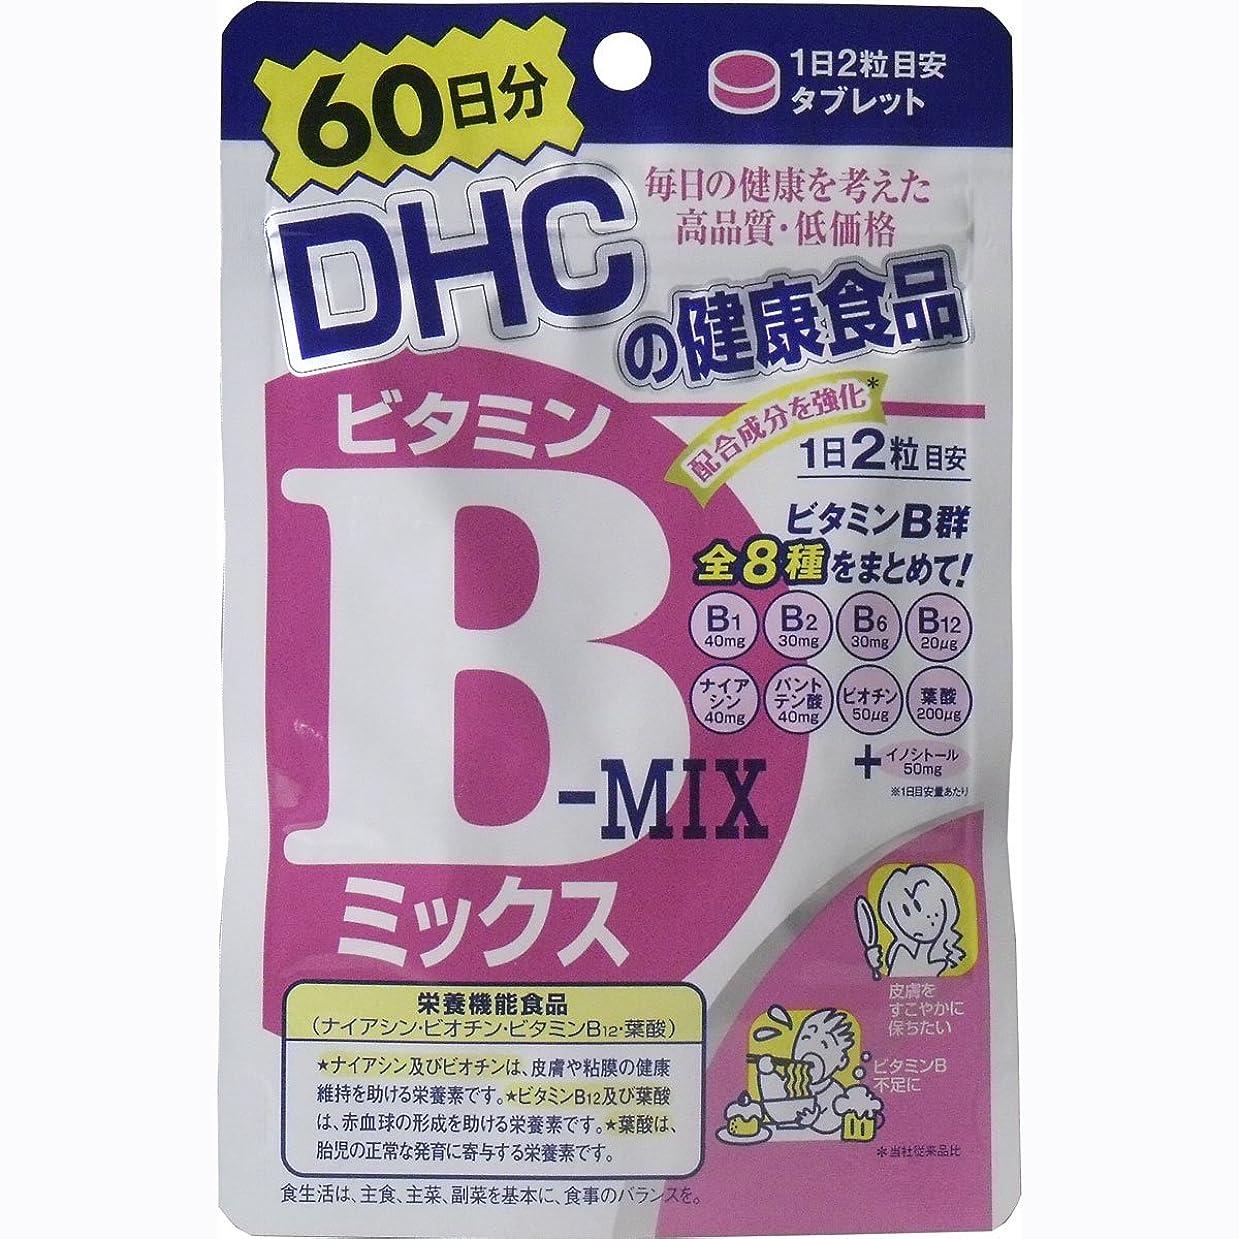 富説明金額DHC ビタミンBミックス 120粒(60日分)×2個セット